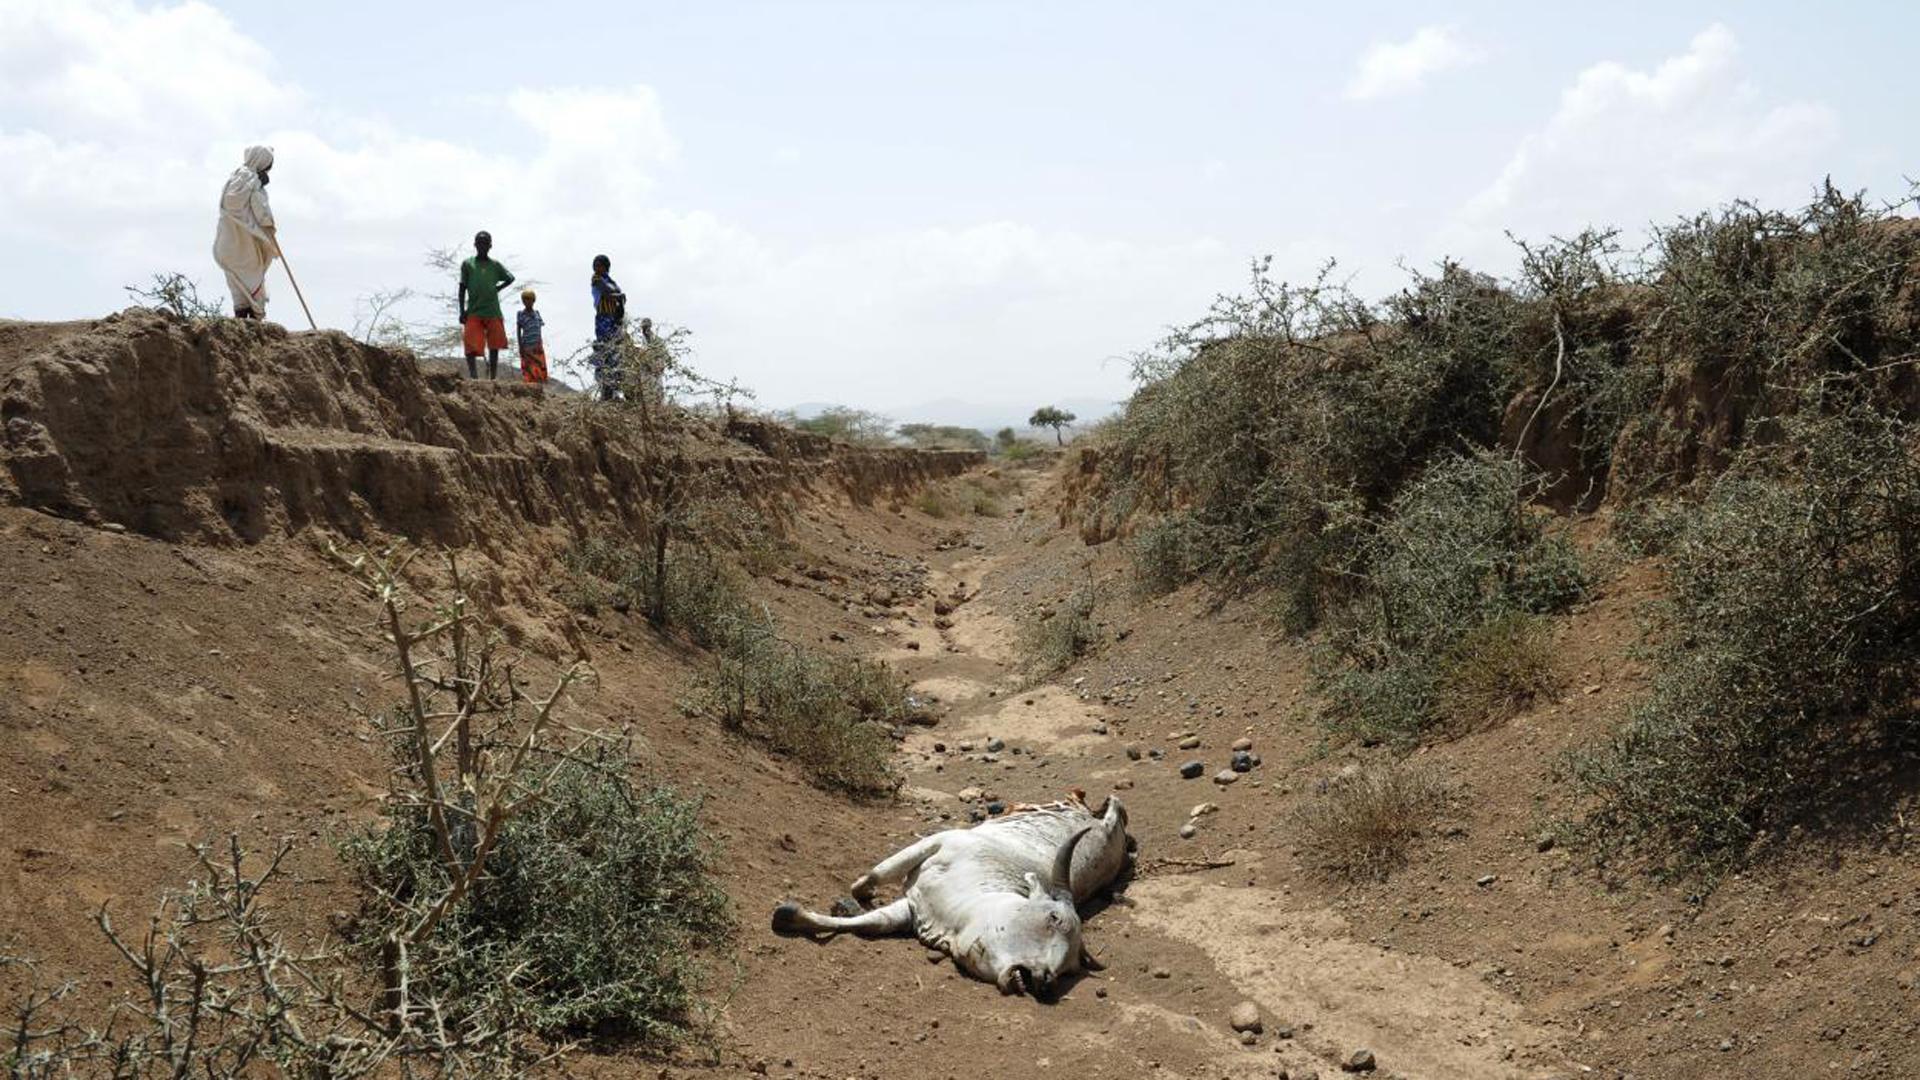 Tiere sterben, weil kein Wasser zur Verfügung steht